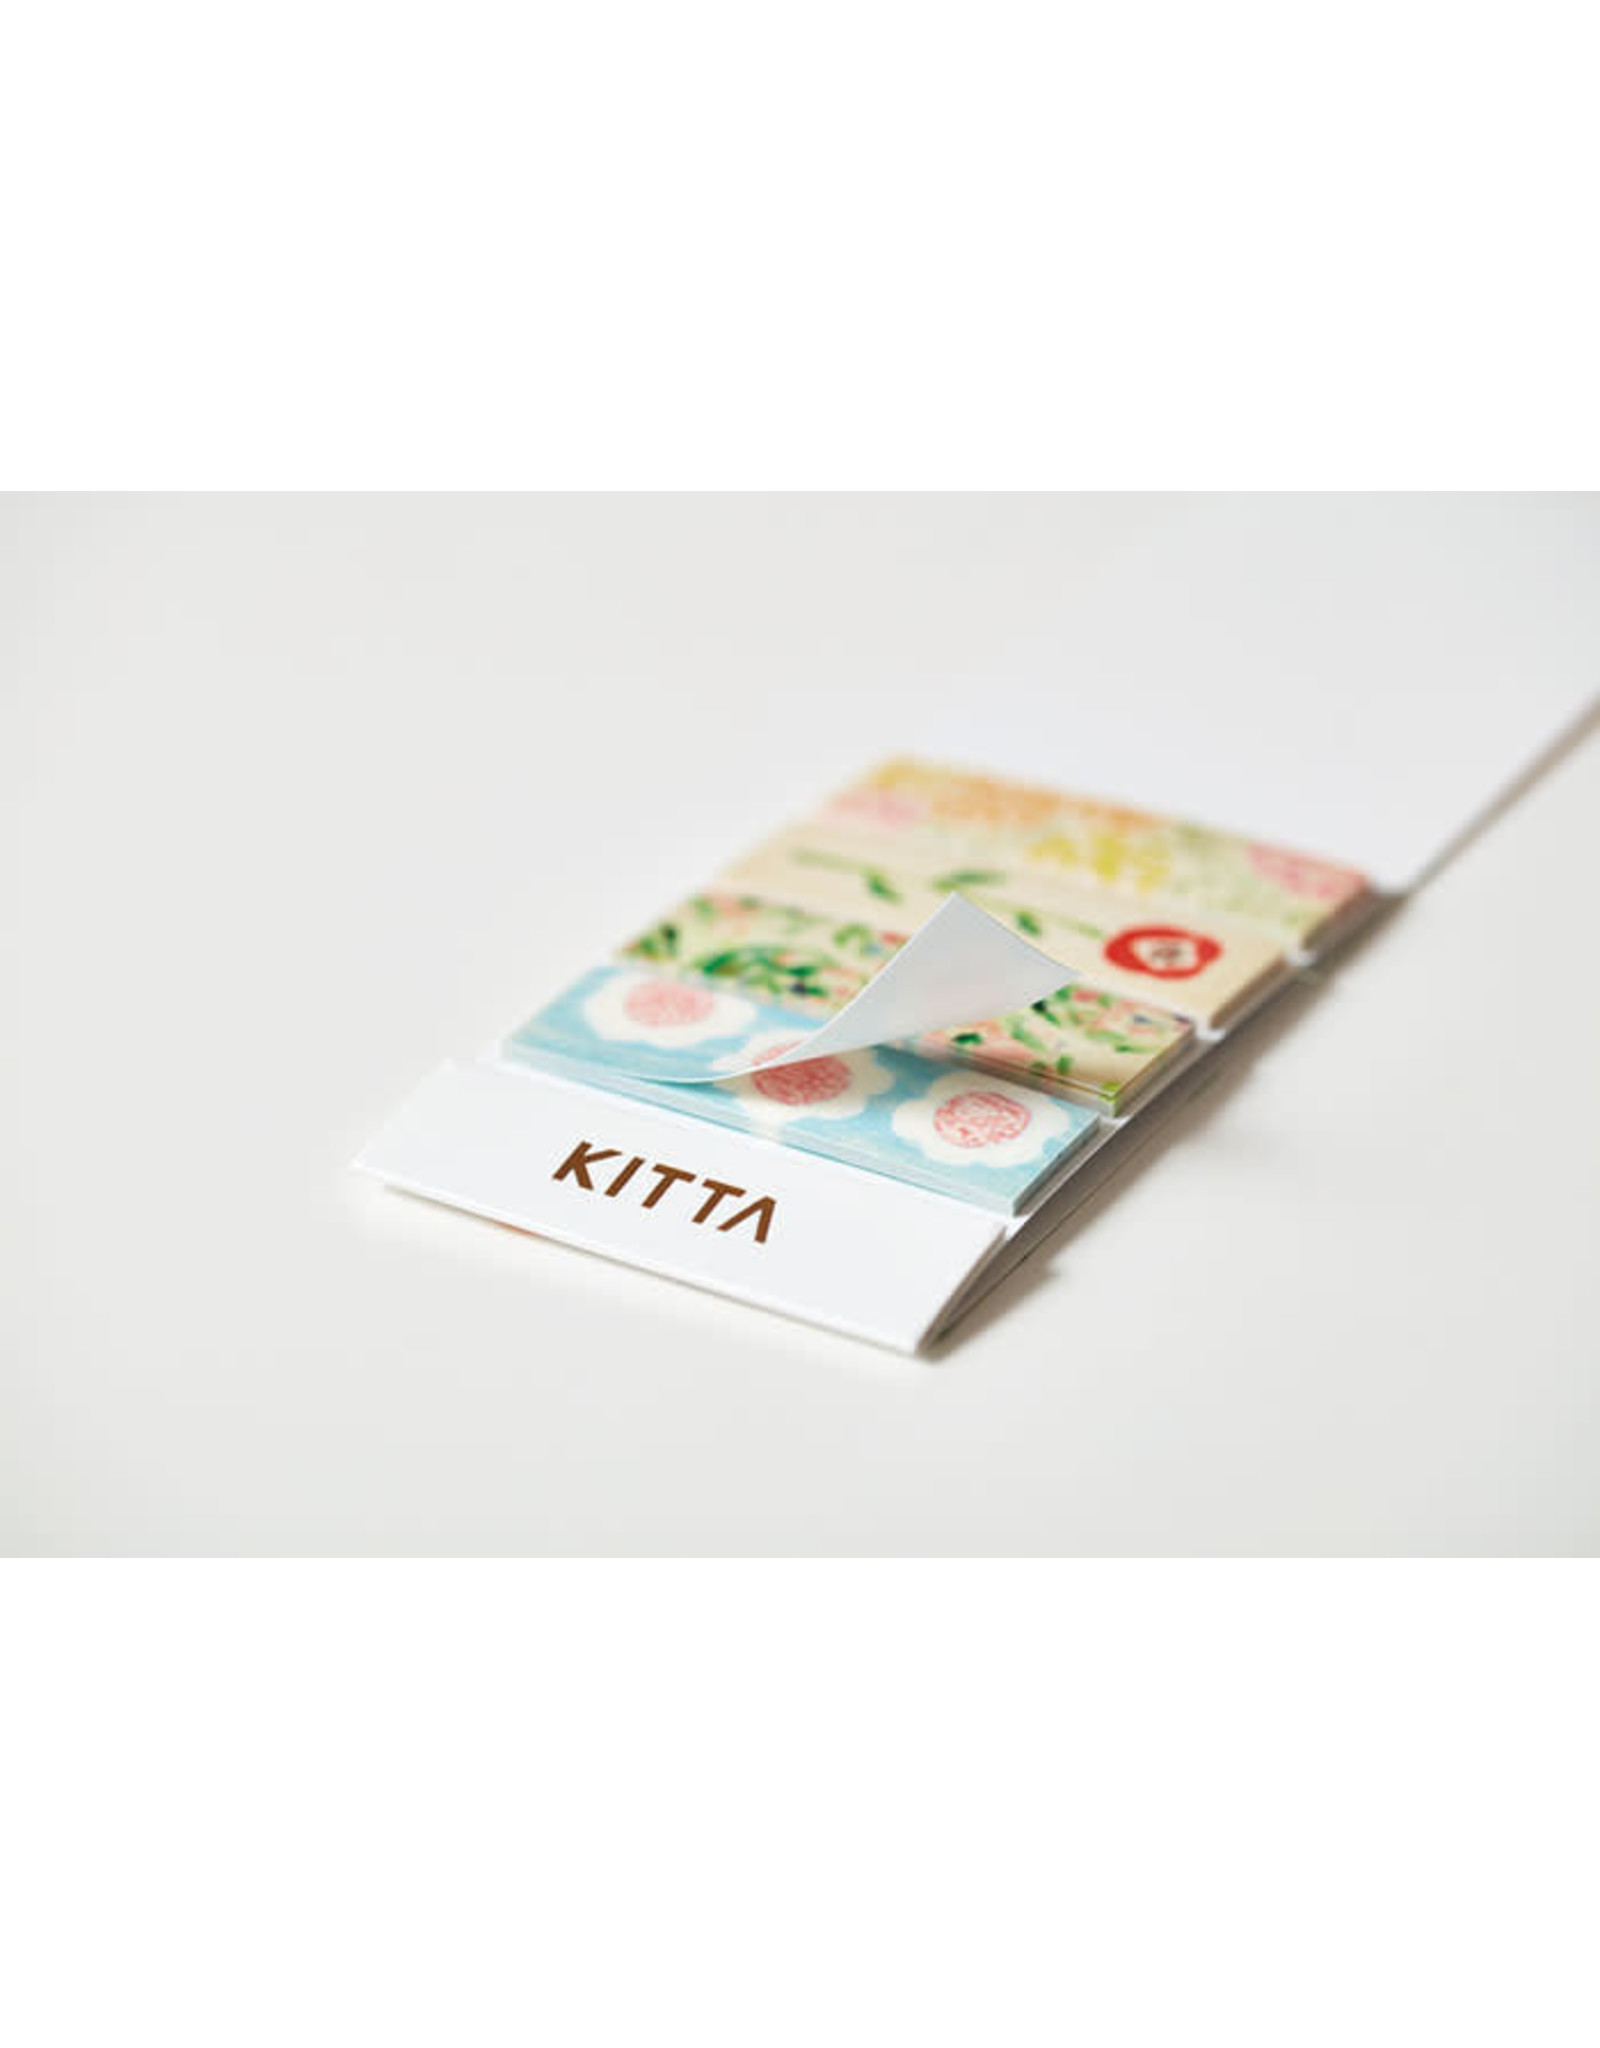 KING JIM CO., LTD. KITTA PRISM